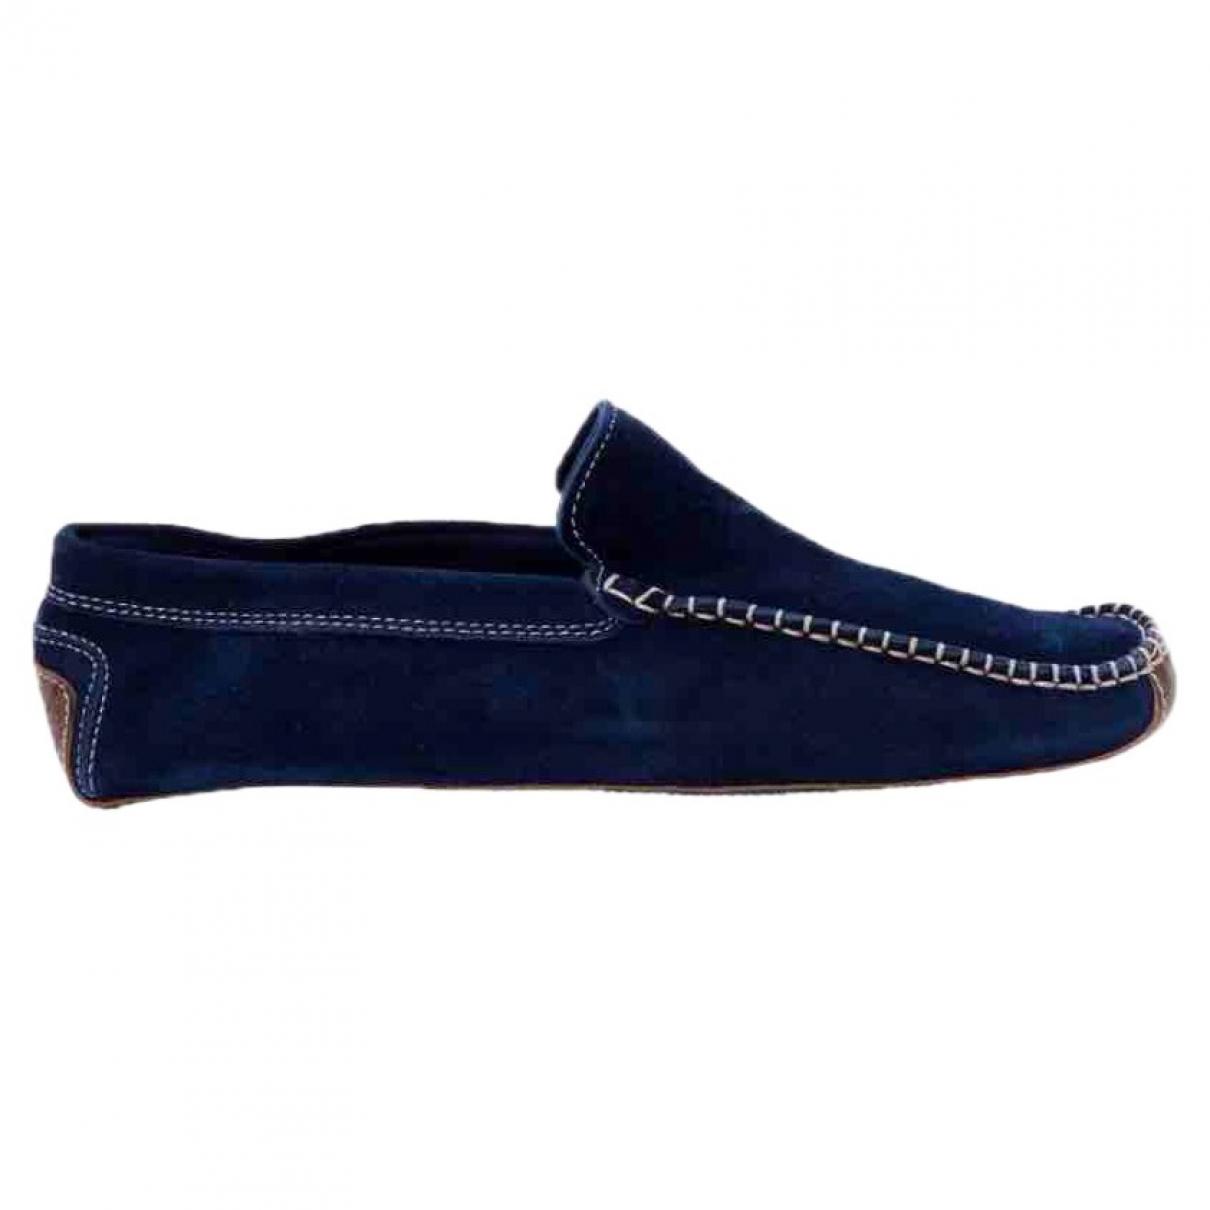 Faconnable - Mocassins   pour femme en suede - bleu